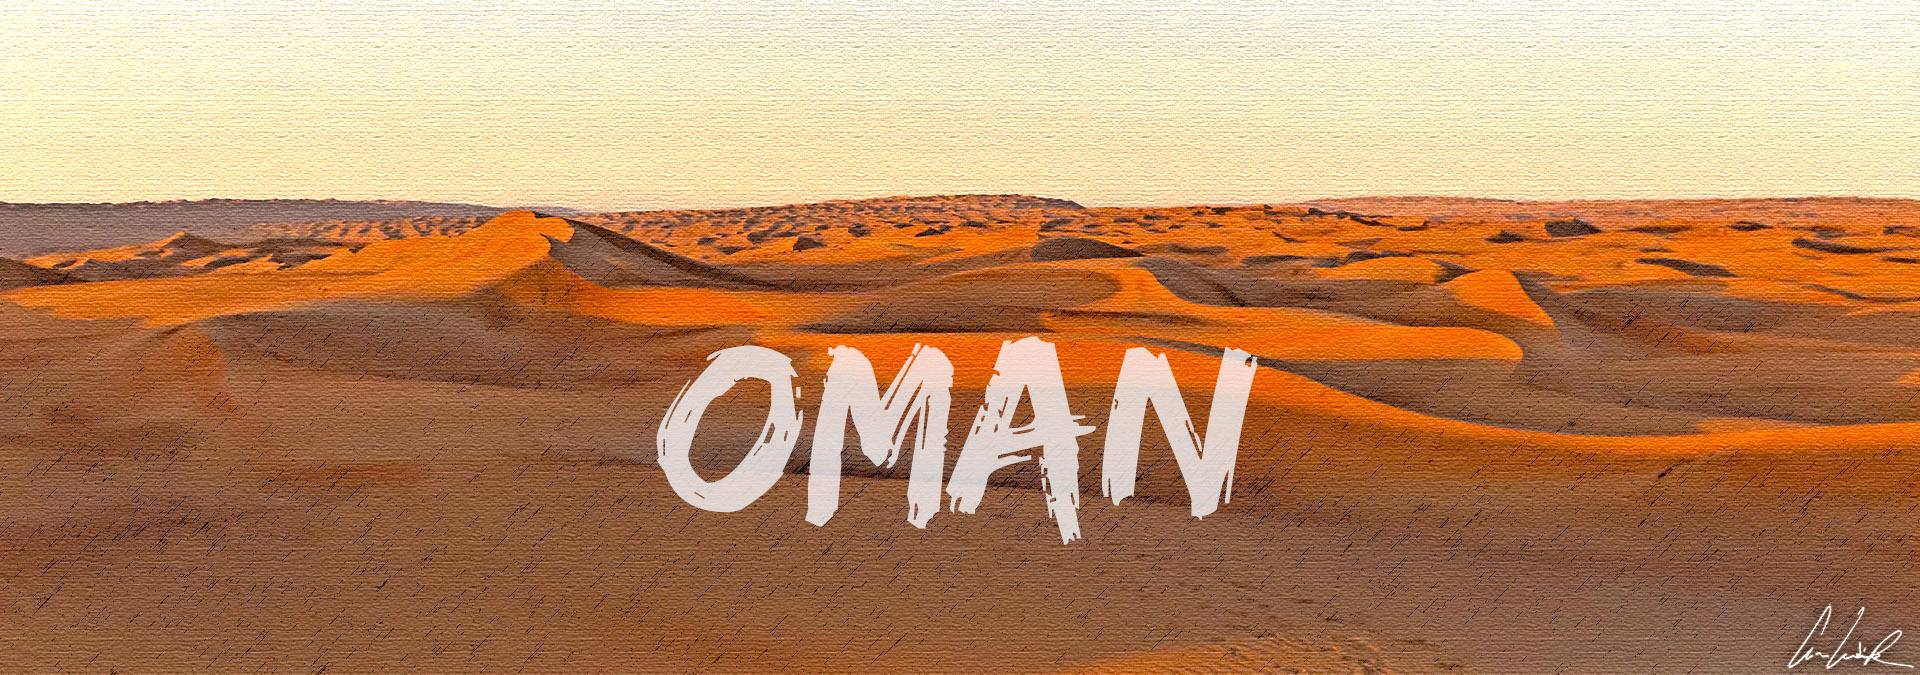 Le Sultanat d'Oman: Terre de traditions ancestrales et d'échanges mais aussi de déserts de sable et de vallées verdoyantes.